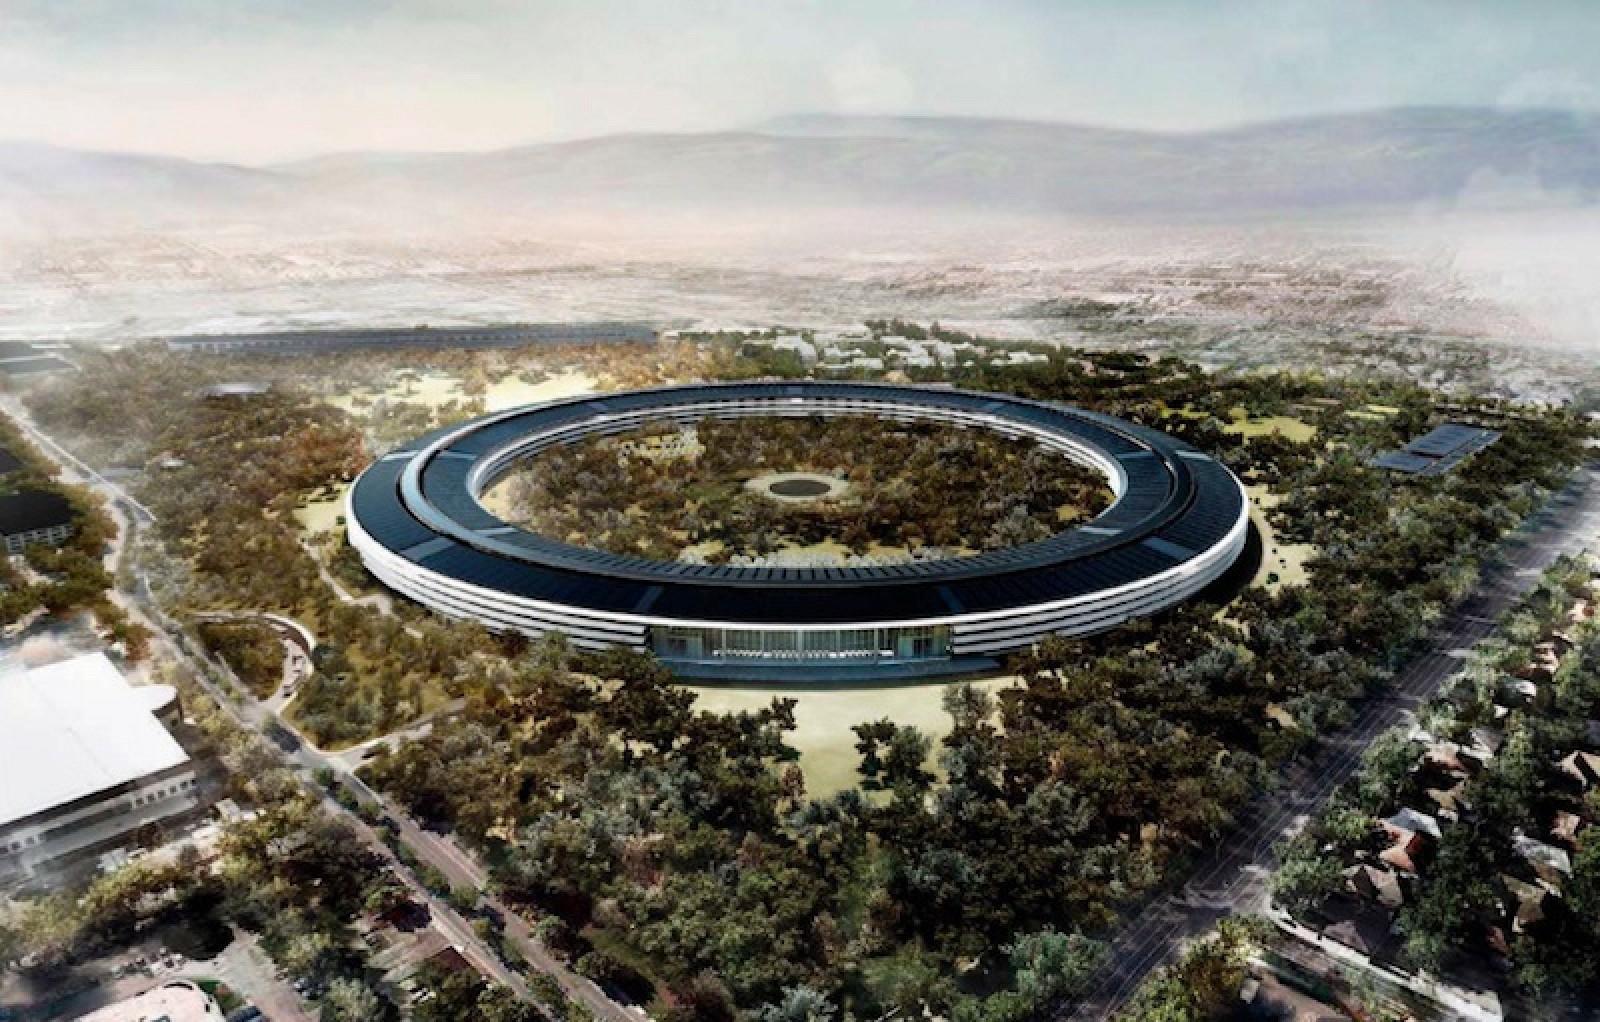 Dron capta imágenes de la construcción del nuevo campus de Apple 1